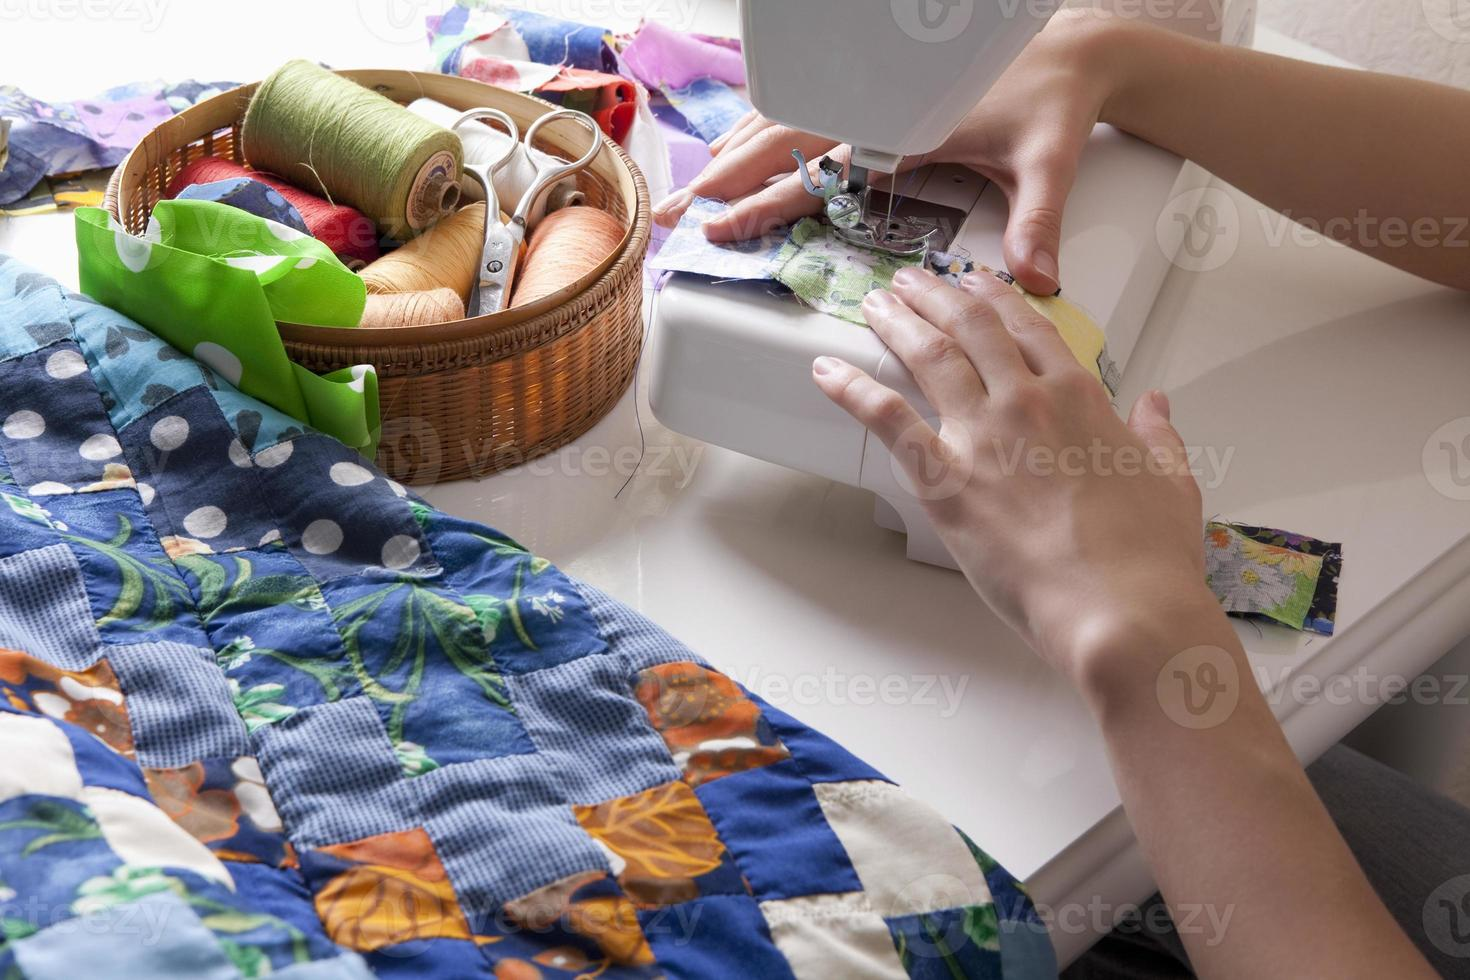 vrouw patchwork maken op naaimachine foto